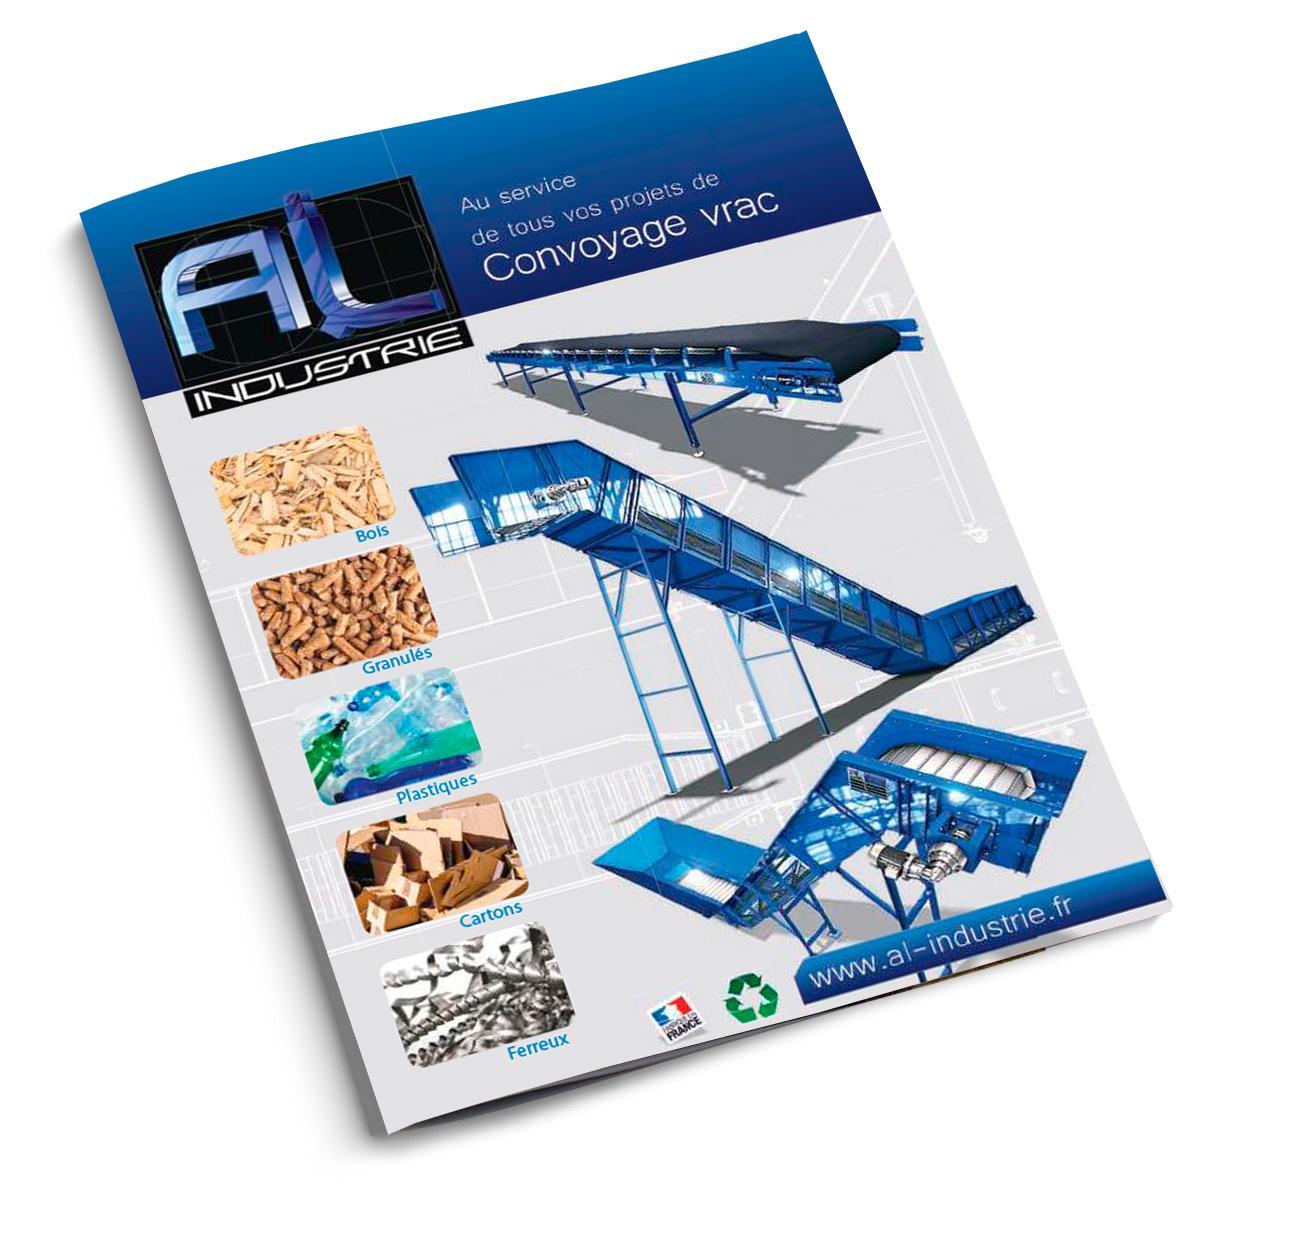 Télécharger les catalogues Al Industrie - Convoyeur environnement